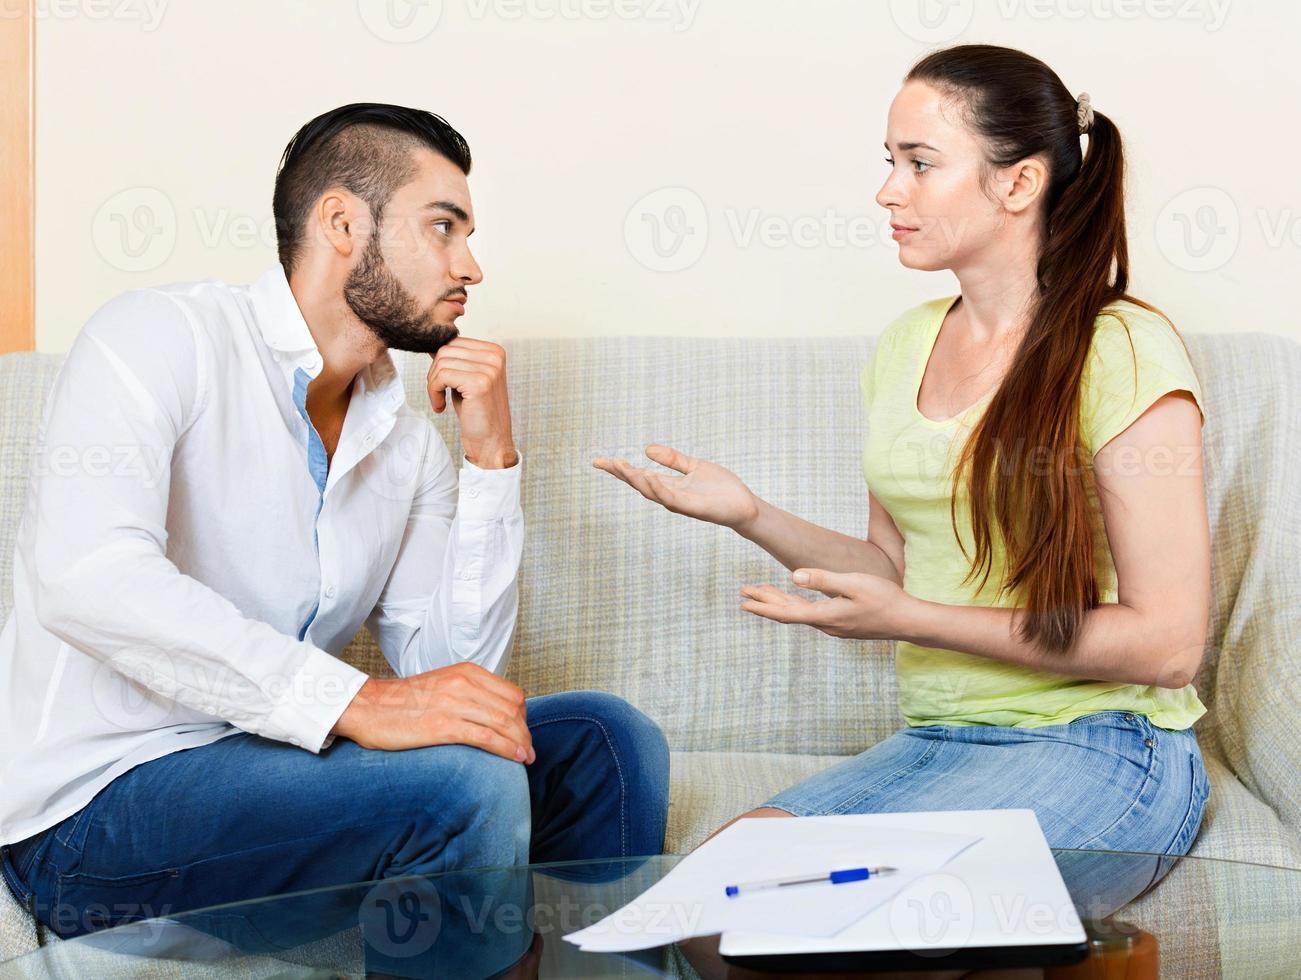 homem e mulher nervosos foto